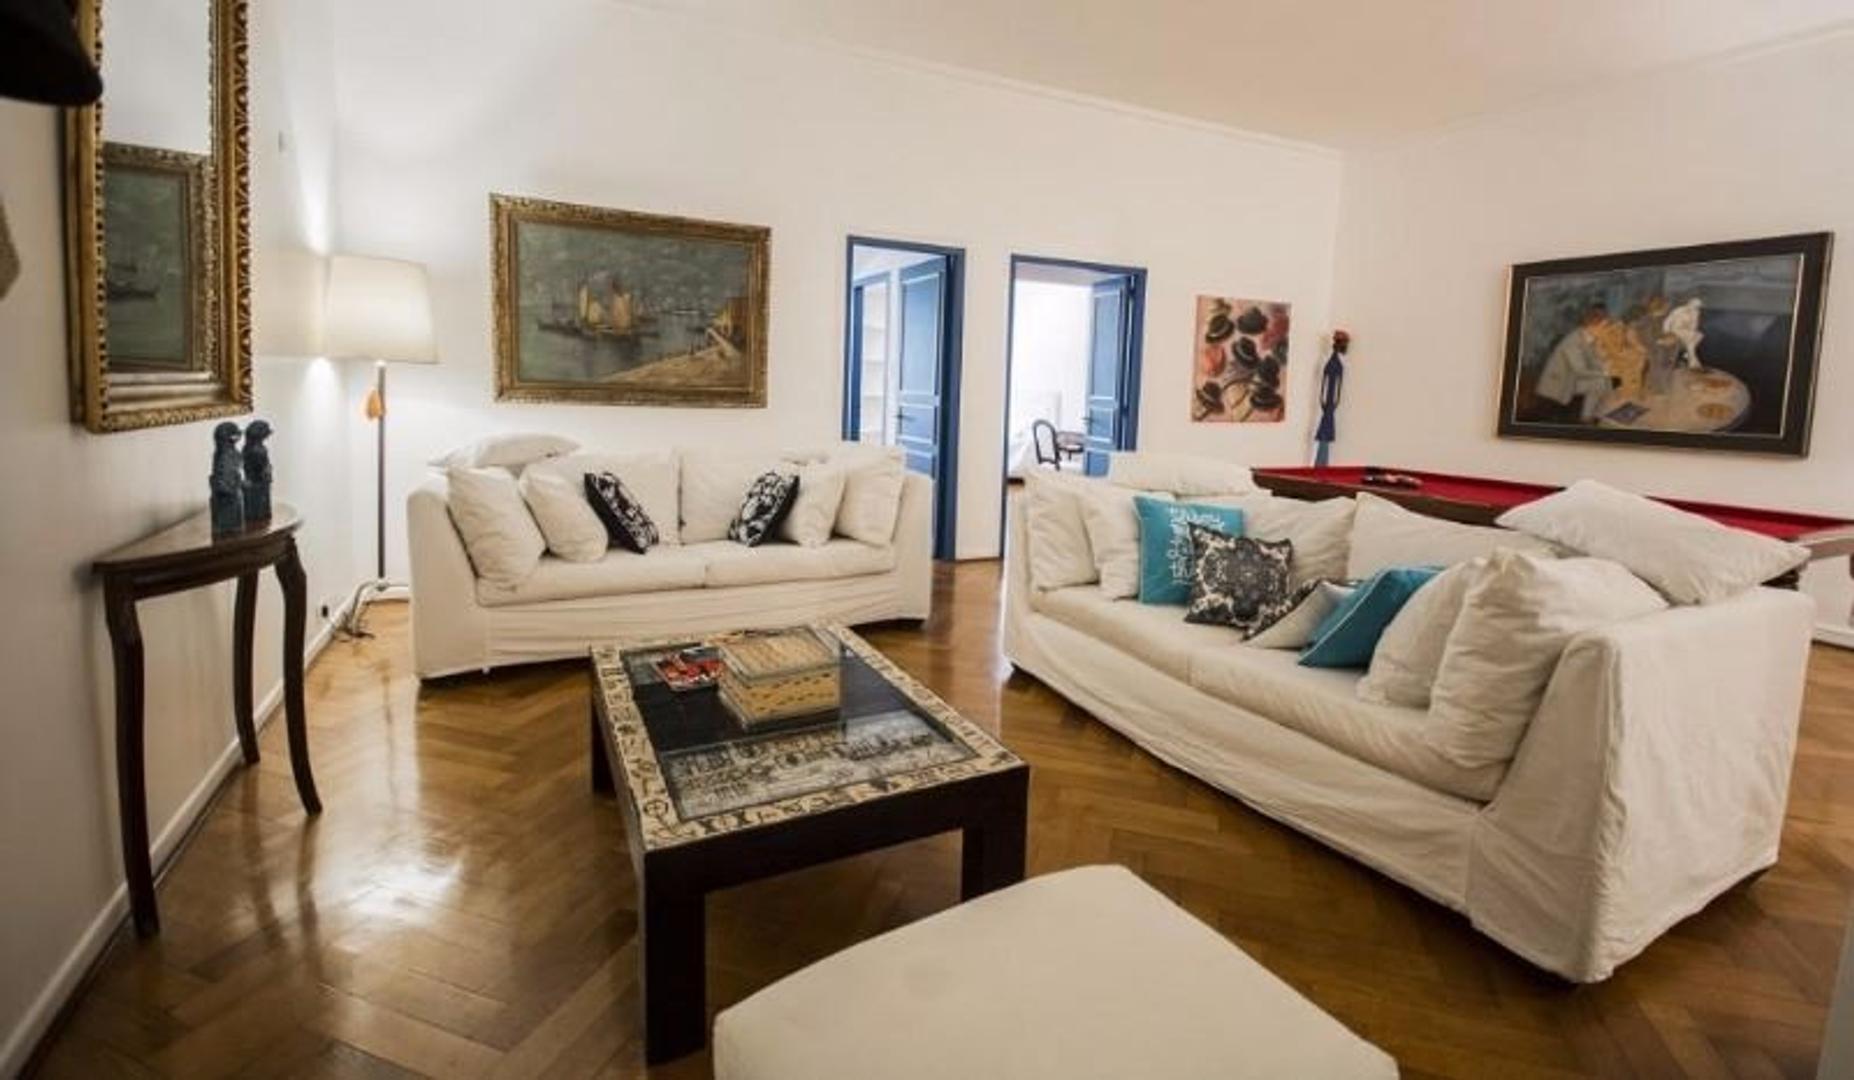 Recoleta Excelente Semipiso 140m2 2 Dormitorios Amoblado y equipado. 2 baños. Gimnasio